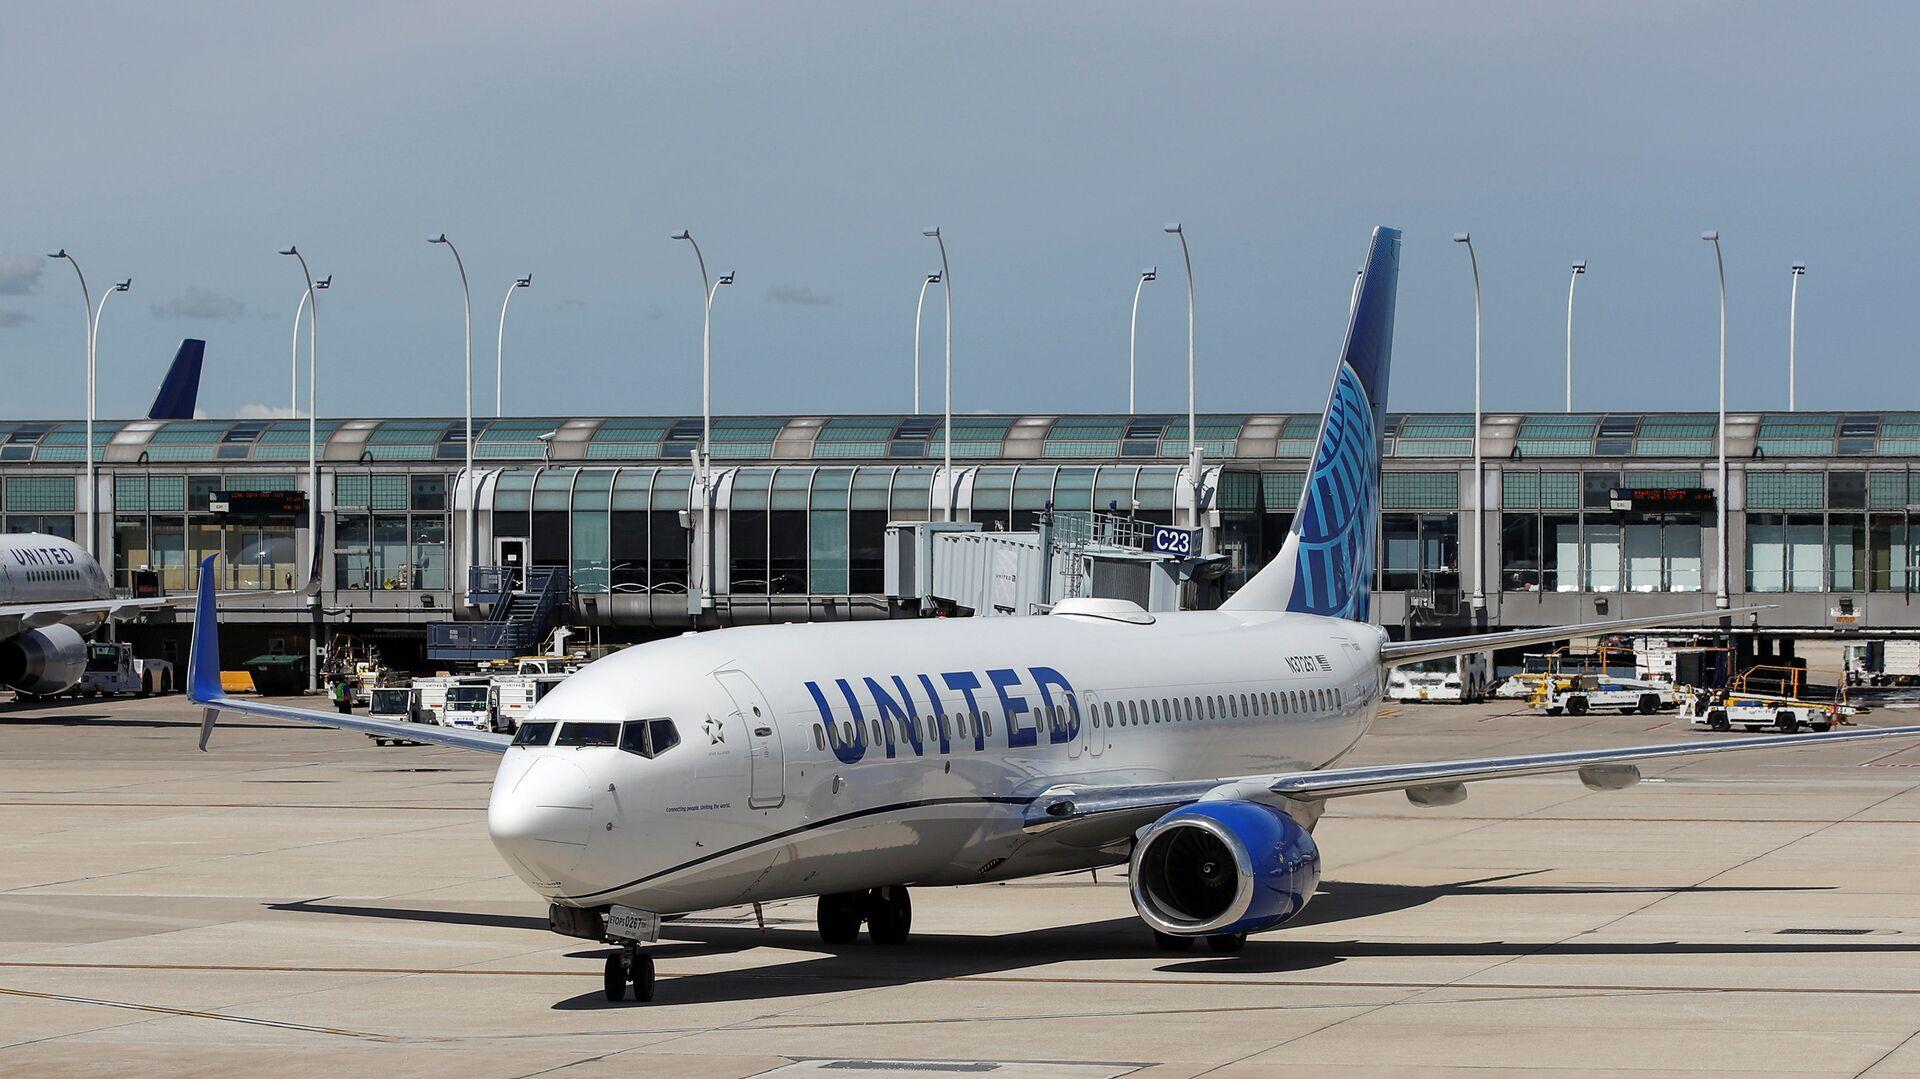 Un avión de United Airlines - Sputnik Mundo, 1920, 11.02.2021